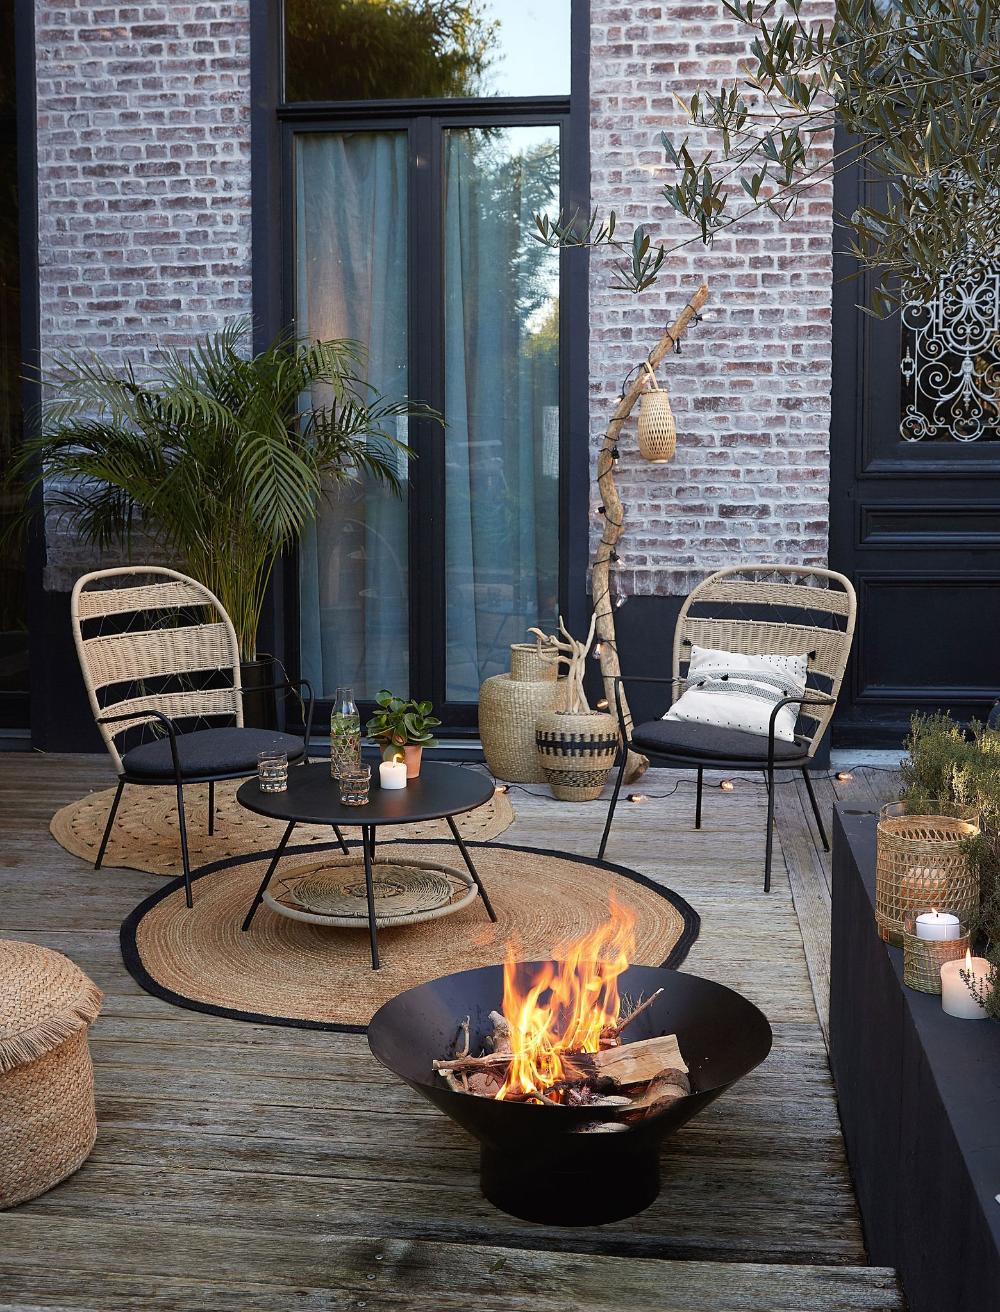 Nouveautes La Redoute Interieurs Meuble Table Et Salon De Jardin In 2020 Outdoor Gardens Design Small Courtyard Gardens Backyard